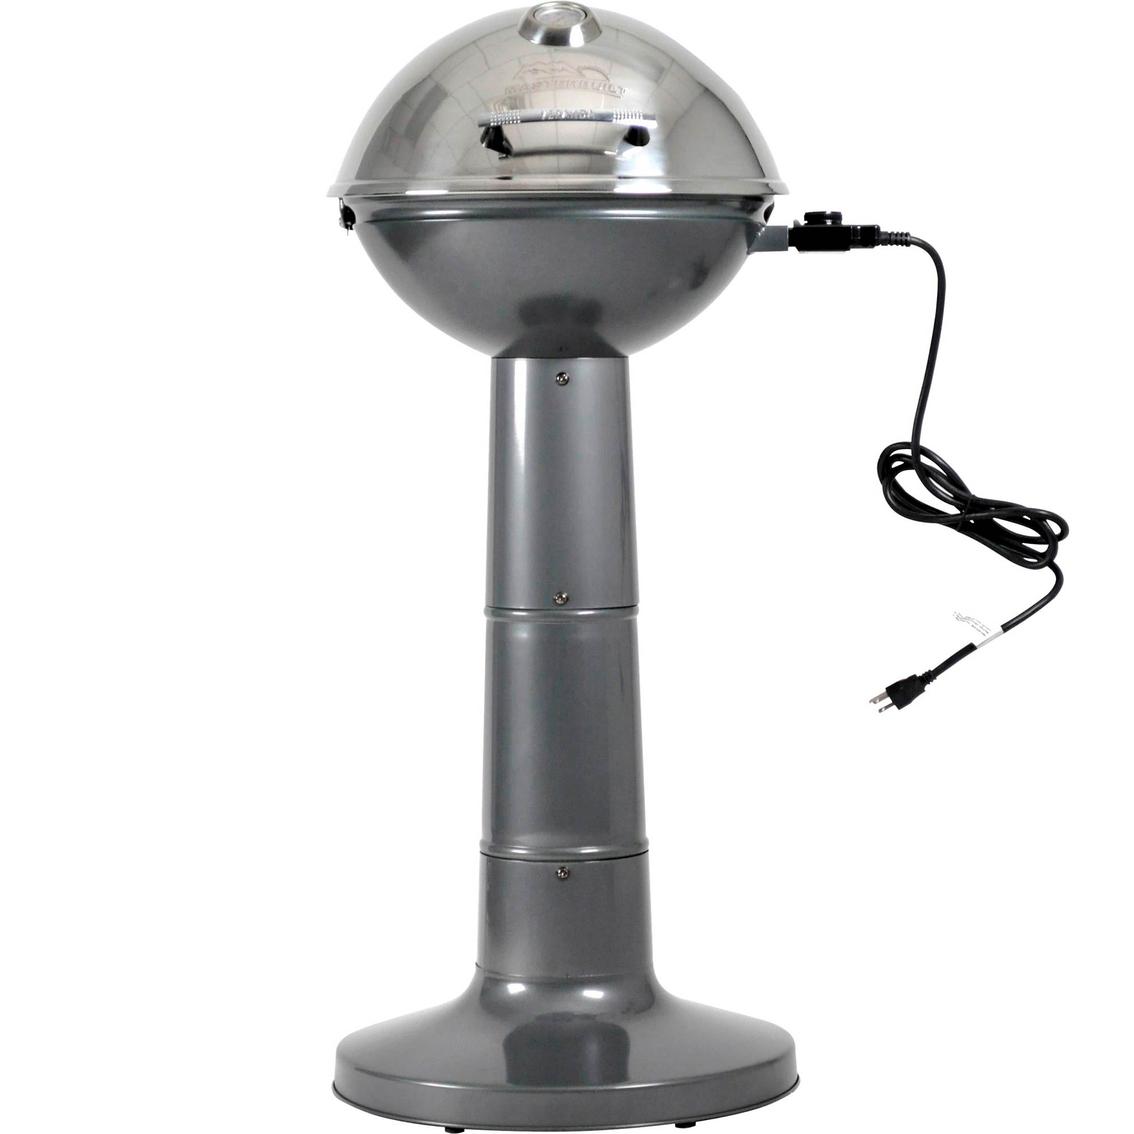 Masterbuilt Electric Grill ~ Masterbuilt veranda electric grill portable